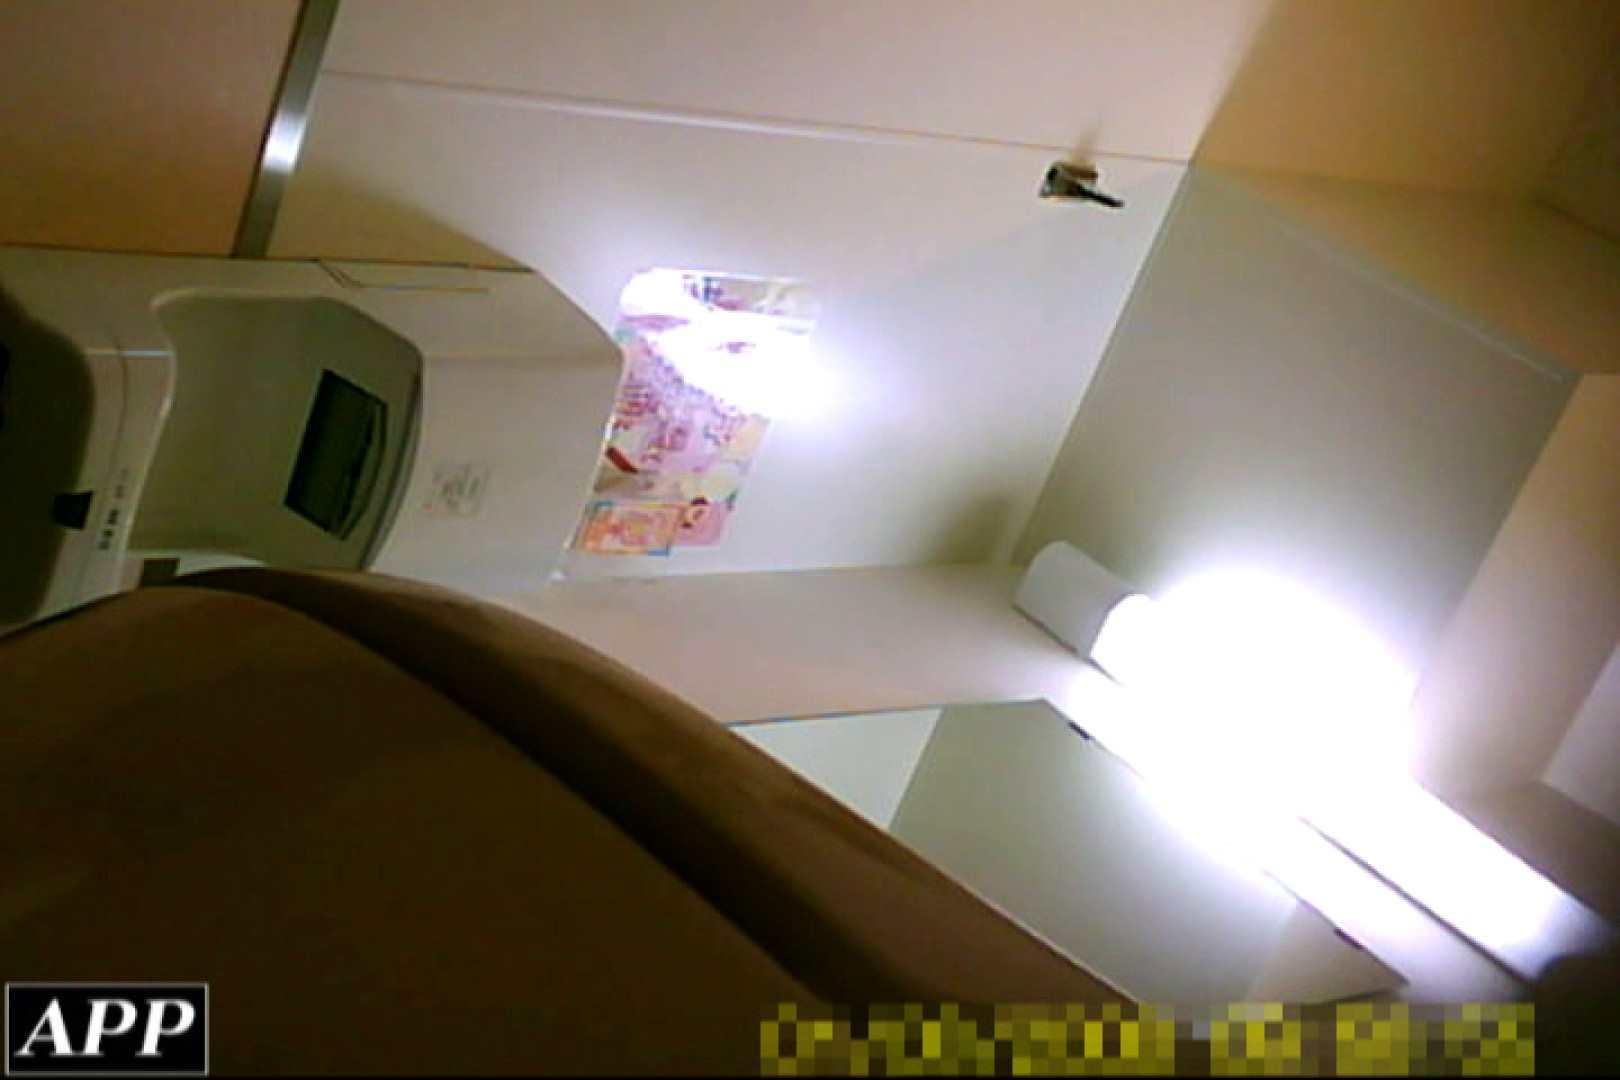 3視点洗面所 vol.020 洗面所 | OLエロ画像  44PICs 5